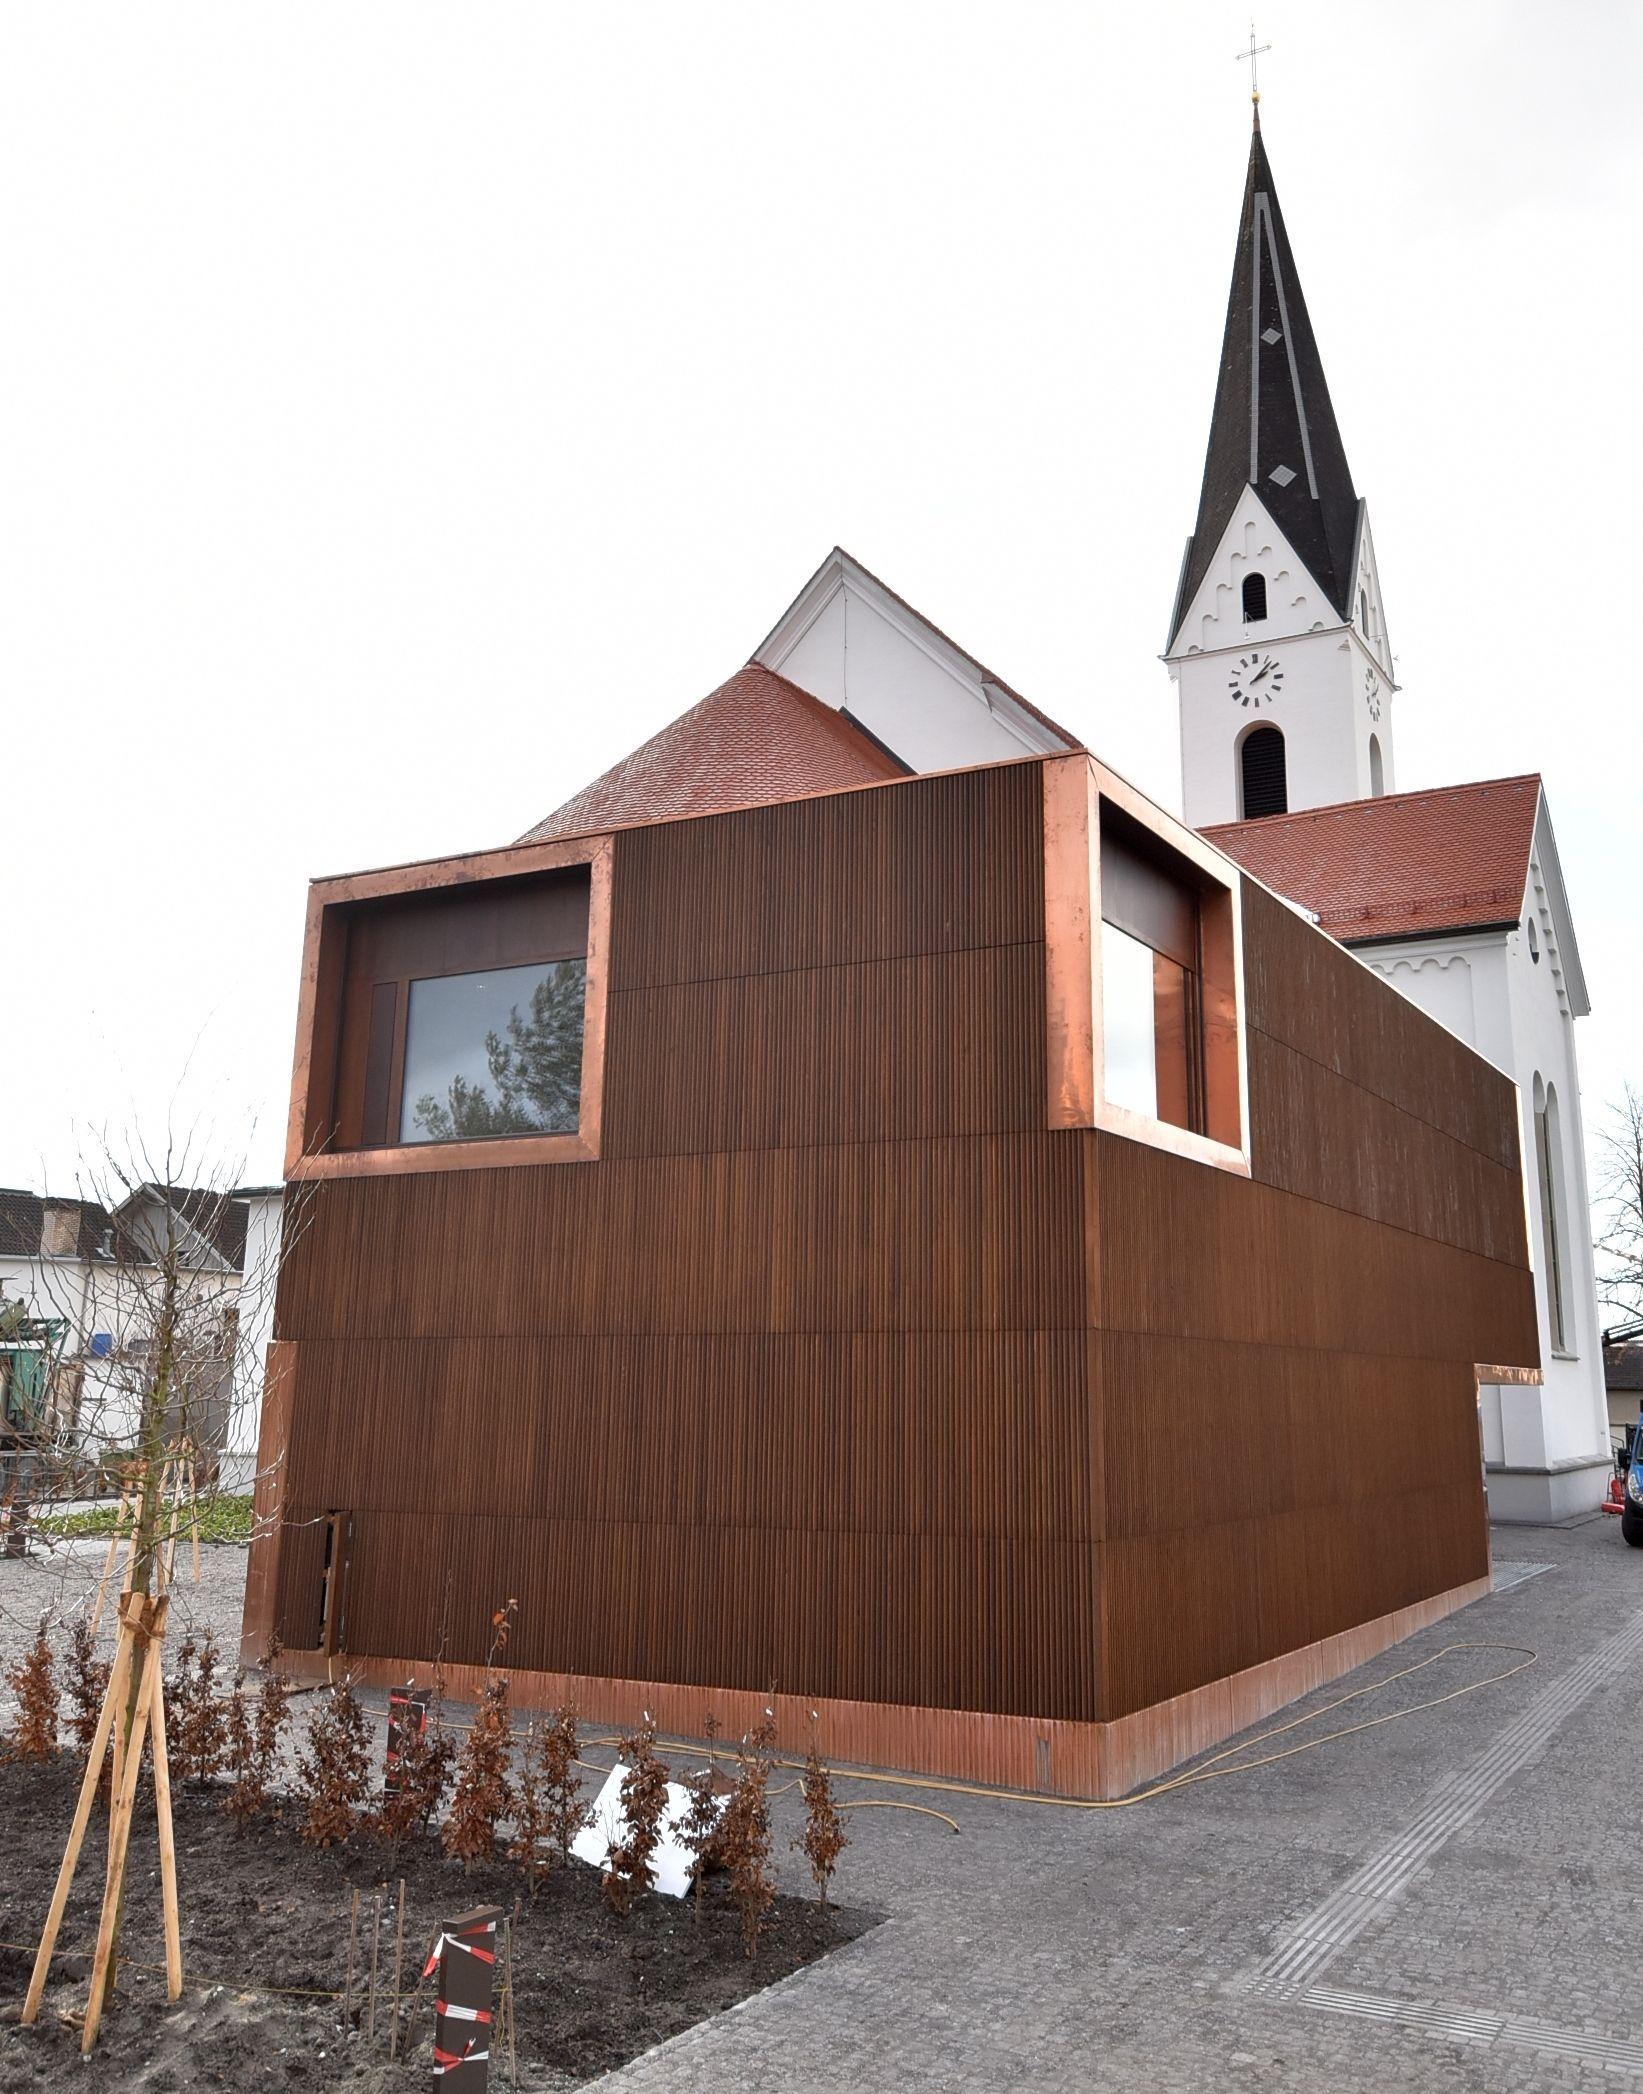 Sichtbeton und Eichenholz kamen für den Bau des neuen Pfarrheims zum Einsatz.